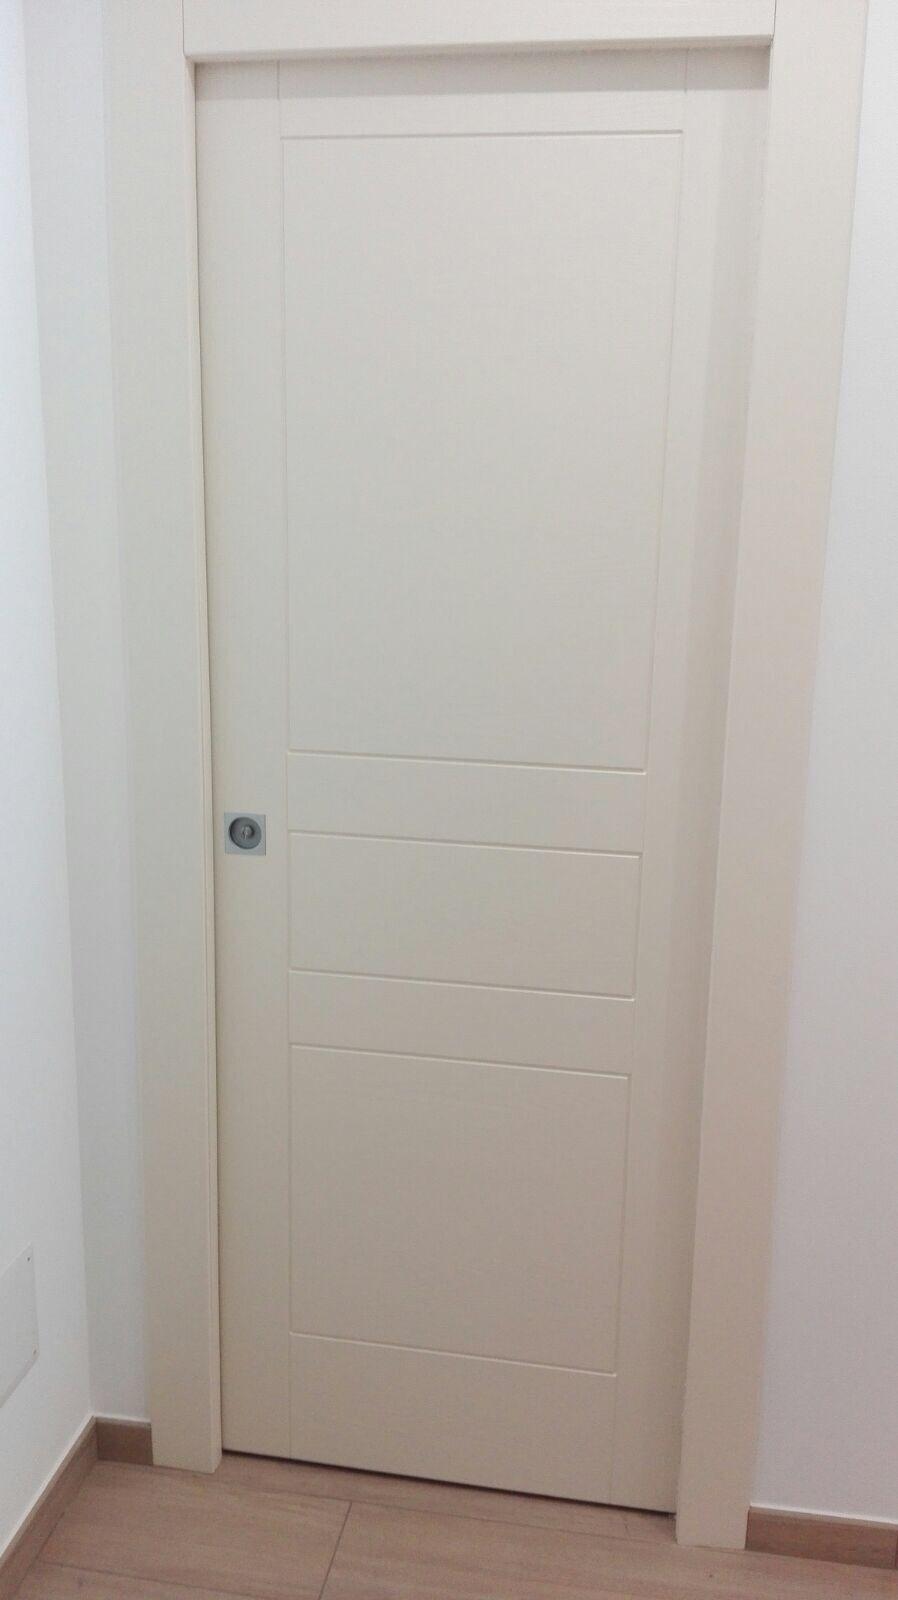 Porta bianca scorrevole Cofas San Marino serratura cromo satinata ...